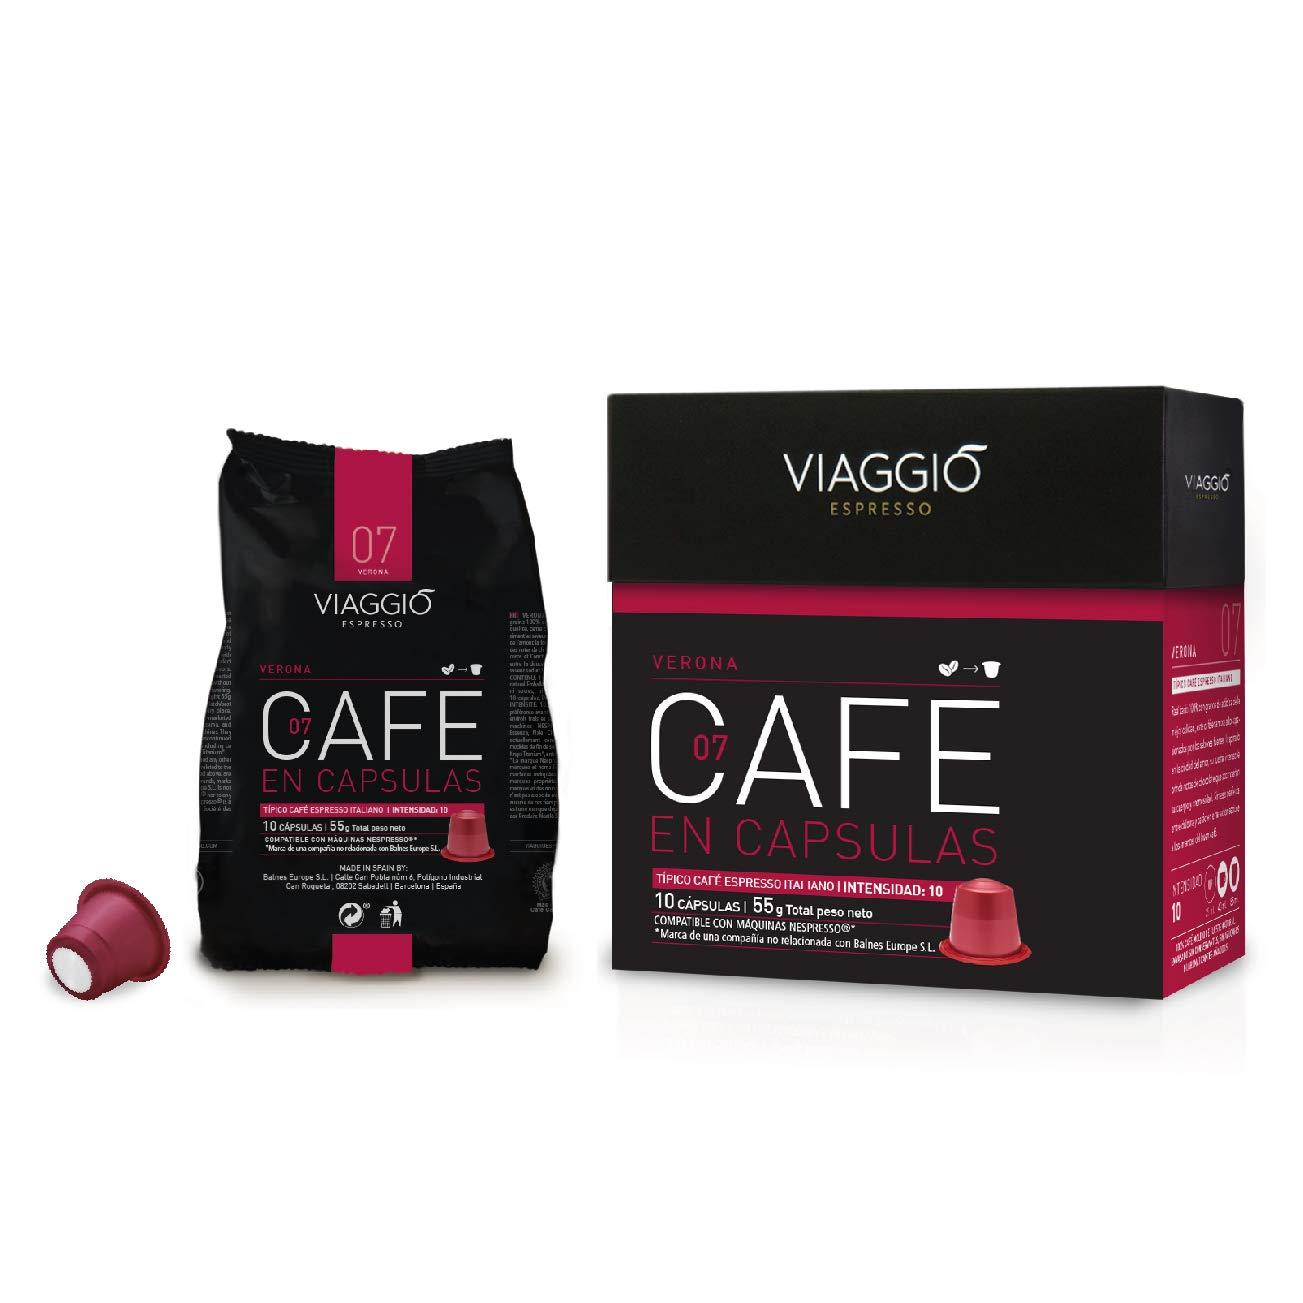 VIAGGIO ESPRESSO - 240 Cápsulas de Café Compatibles con Máquinas Nespresso - VERONA: Amazon.es: Alimentación y bebidas